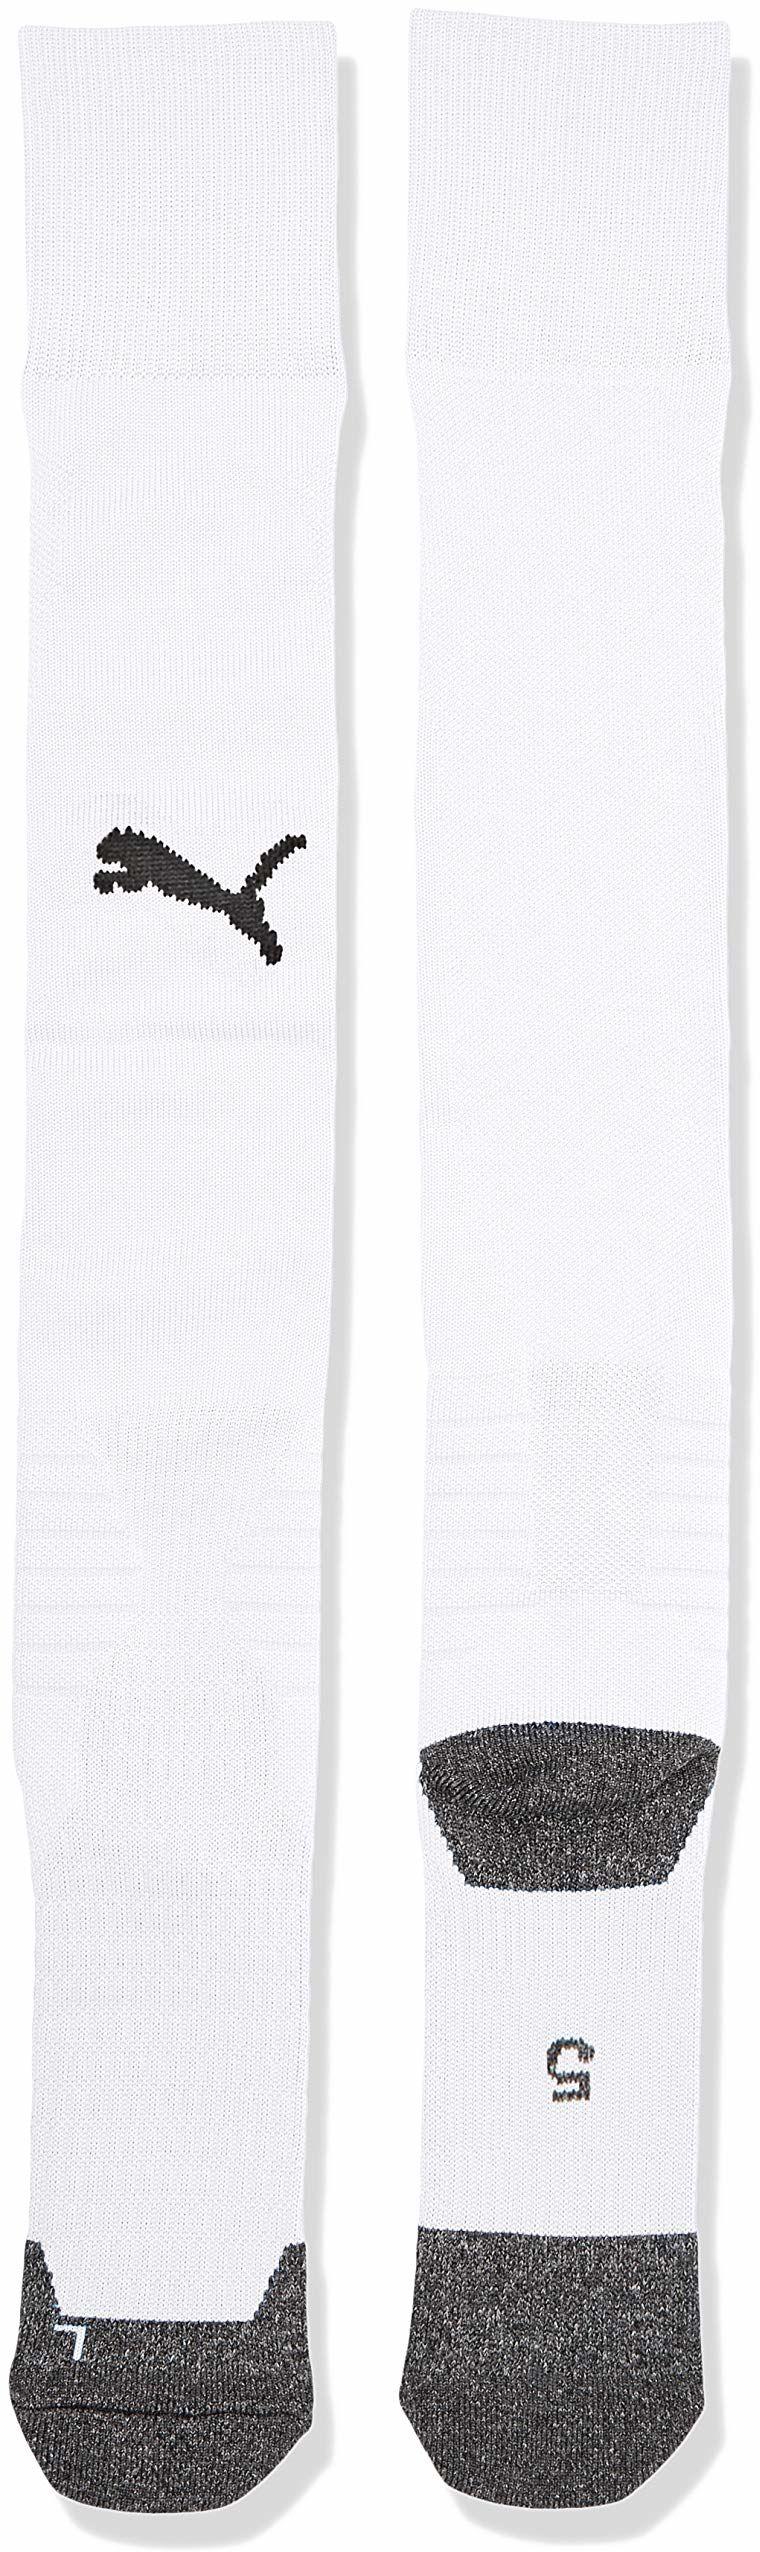 PUMA skarpety męskie Team Liga Socks biały Puma White-Puma Black 5